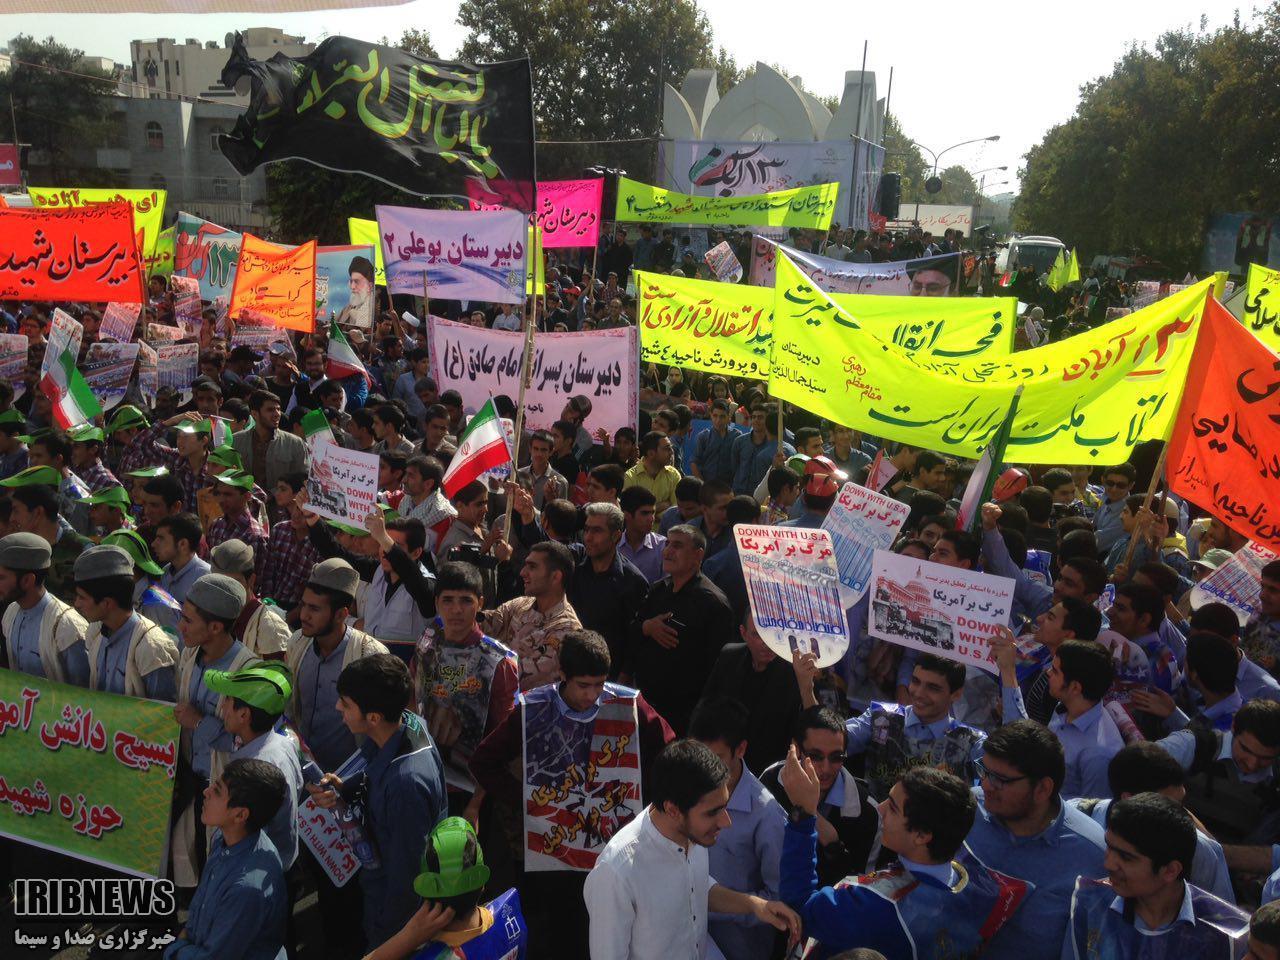 برگزاری راهپیمایی در شیراز